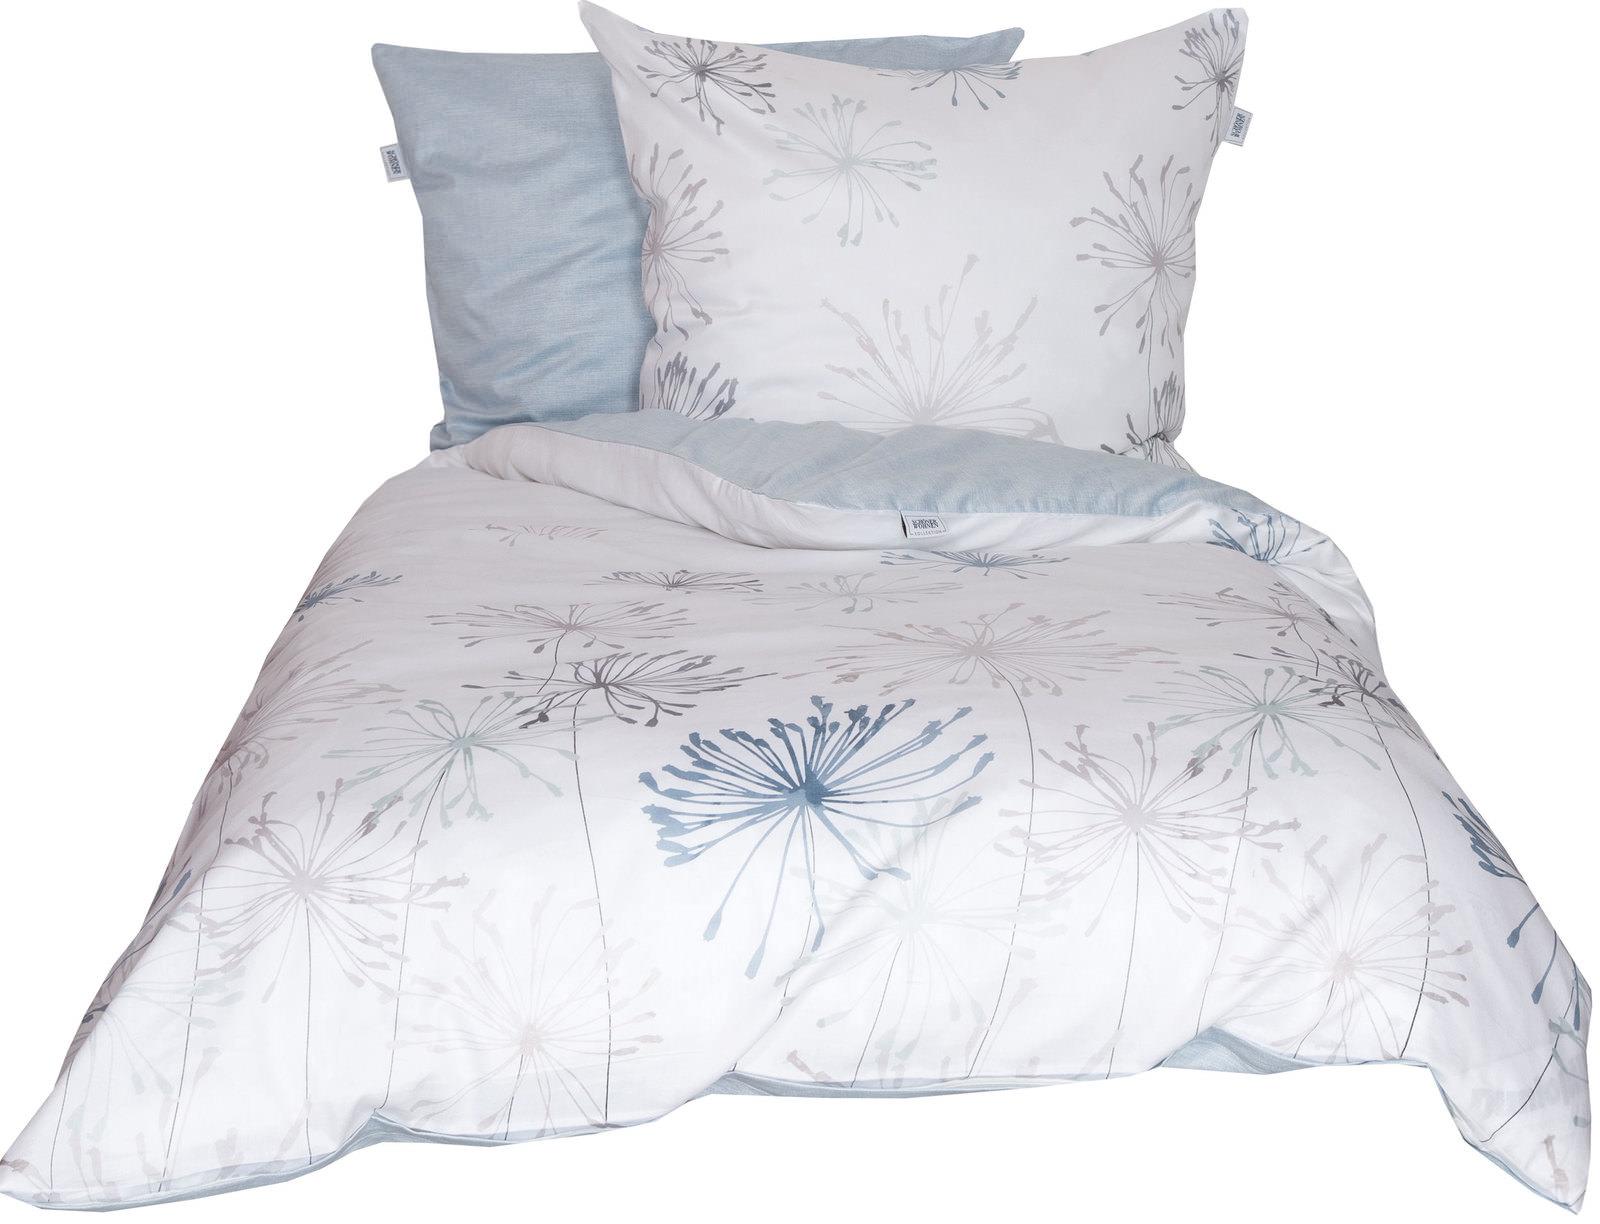 Schöner Wohnen Schöner Wohnen Bettwäsche Blau Online Entdecken